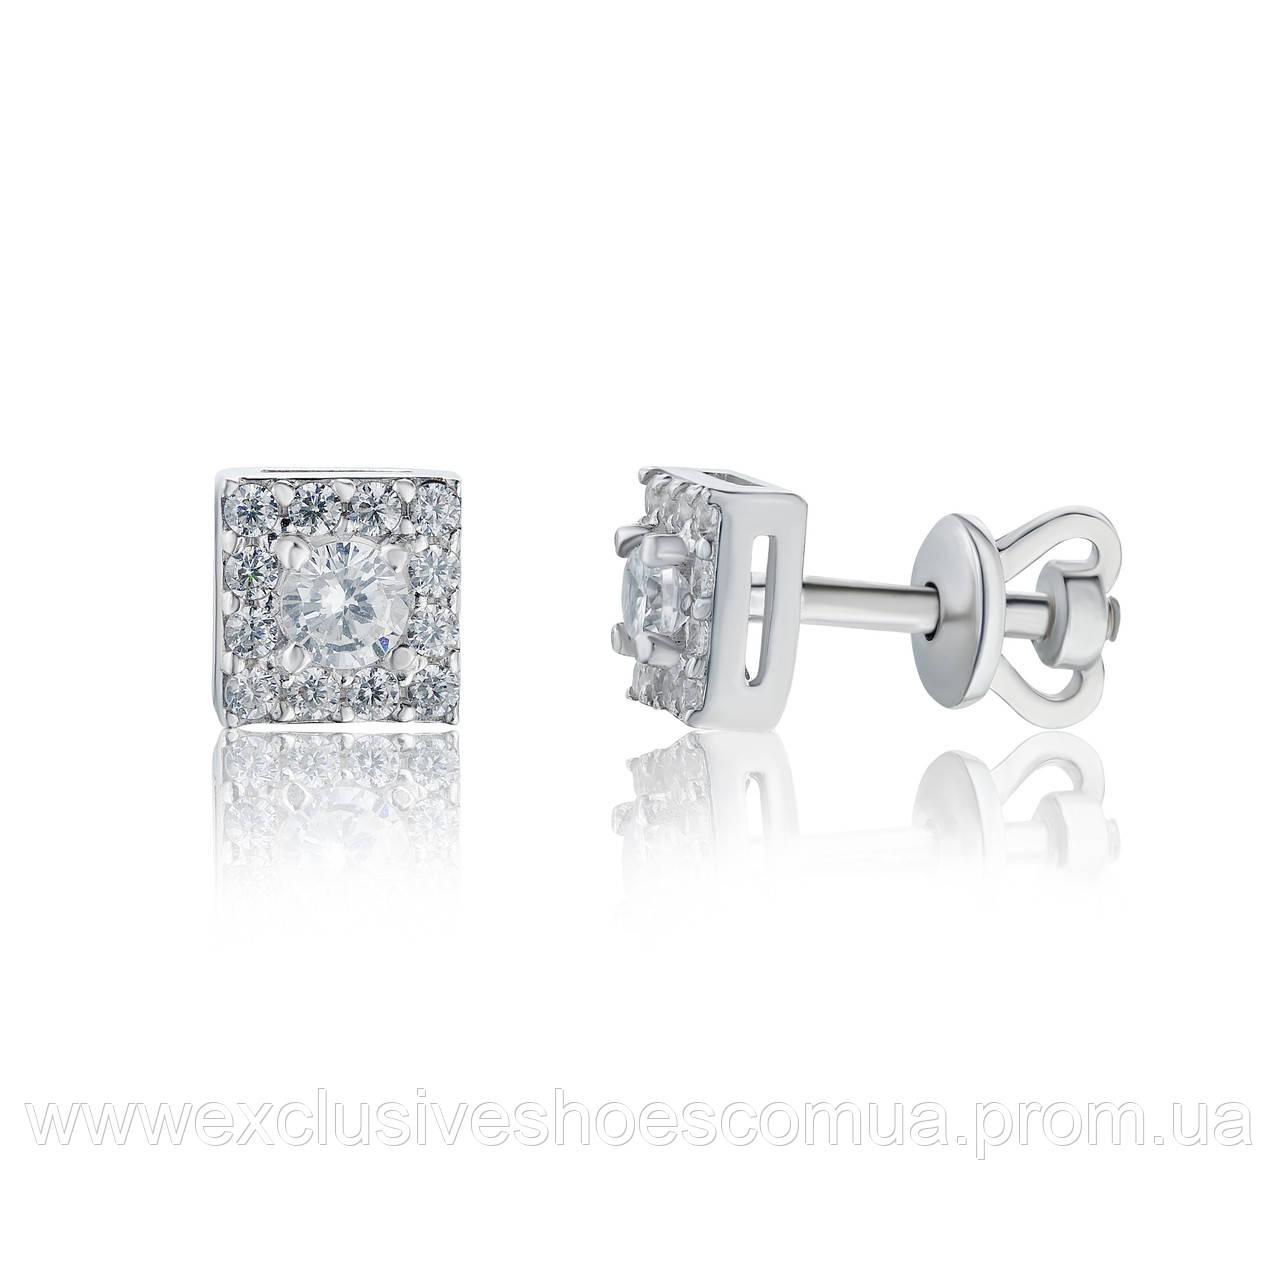 Серебряные серьги гвоздики квадратной формы с фианитами, арт-929009б